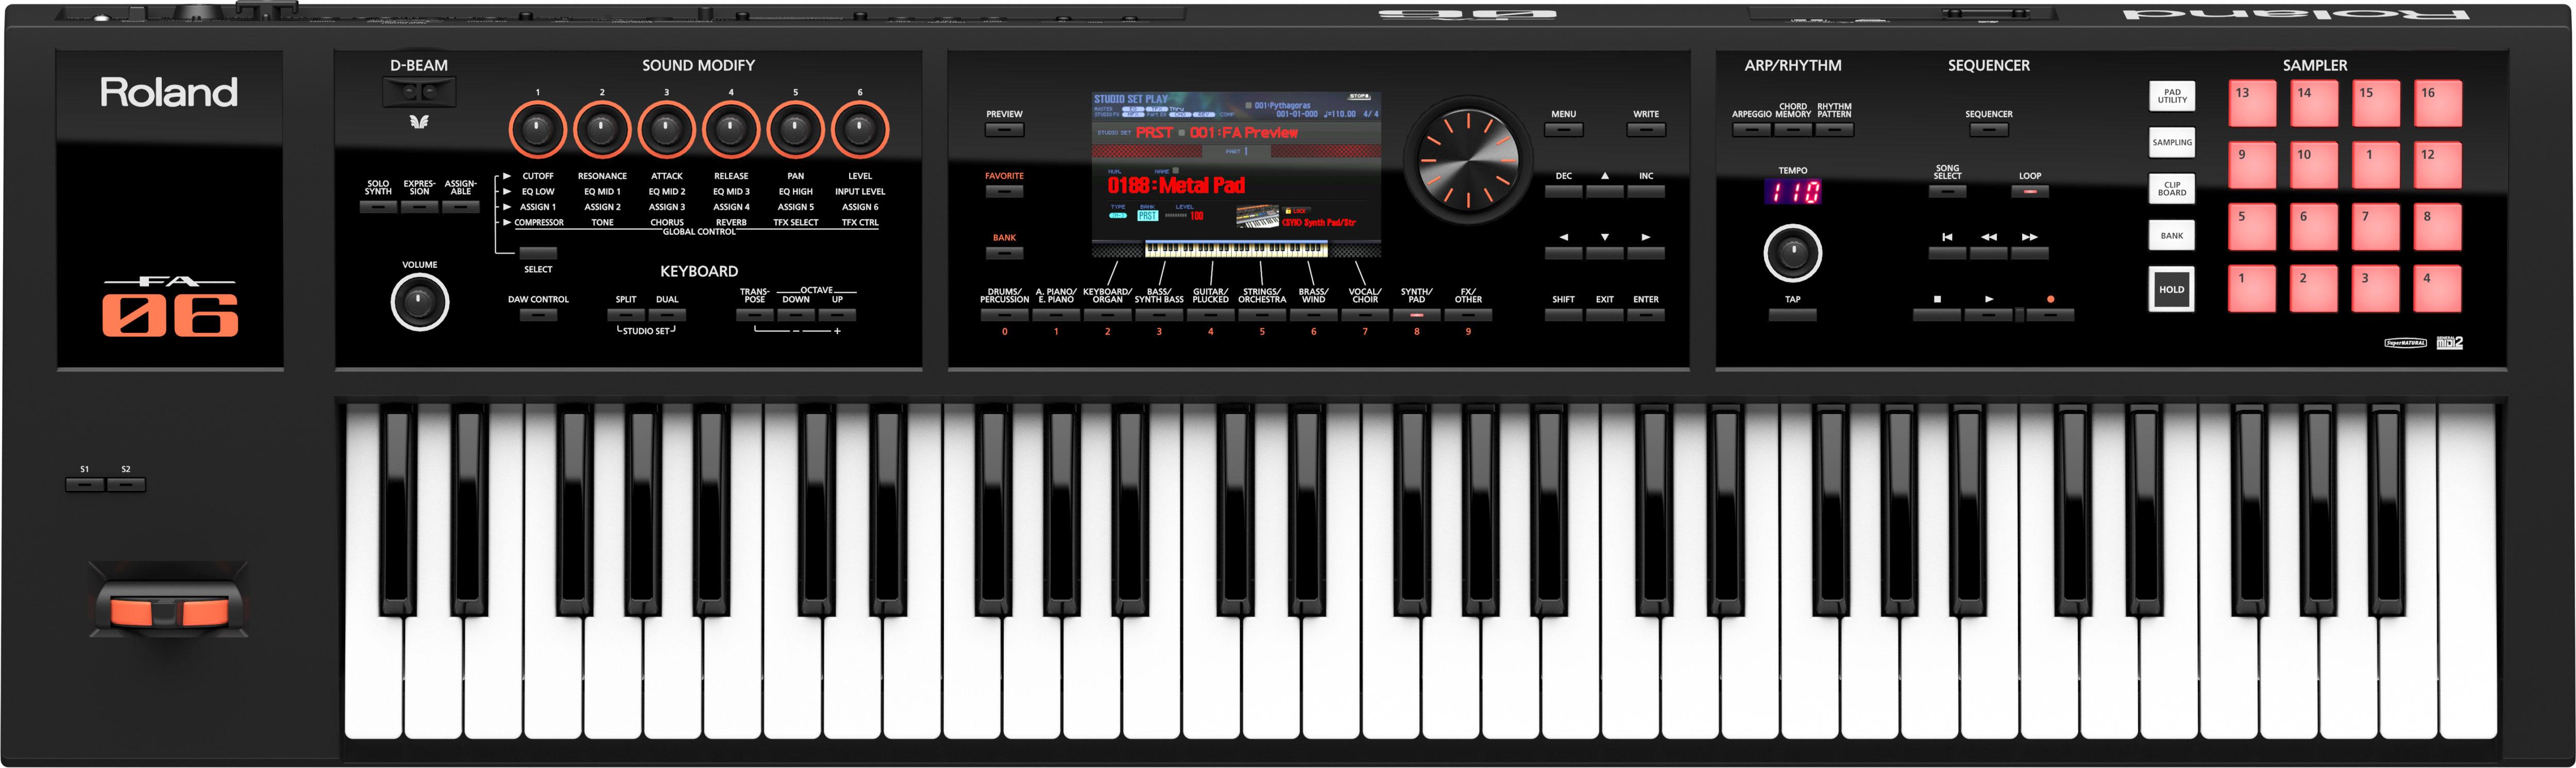 roland fa 06 fa 07 fa 08 music workstation